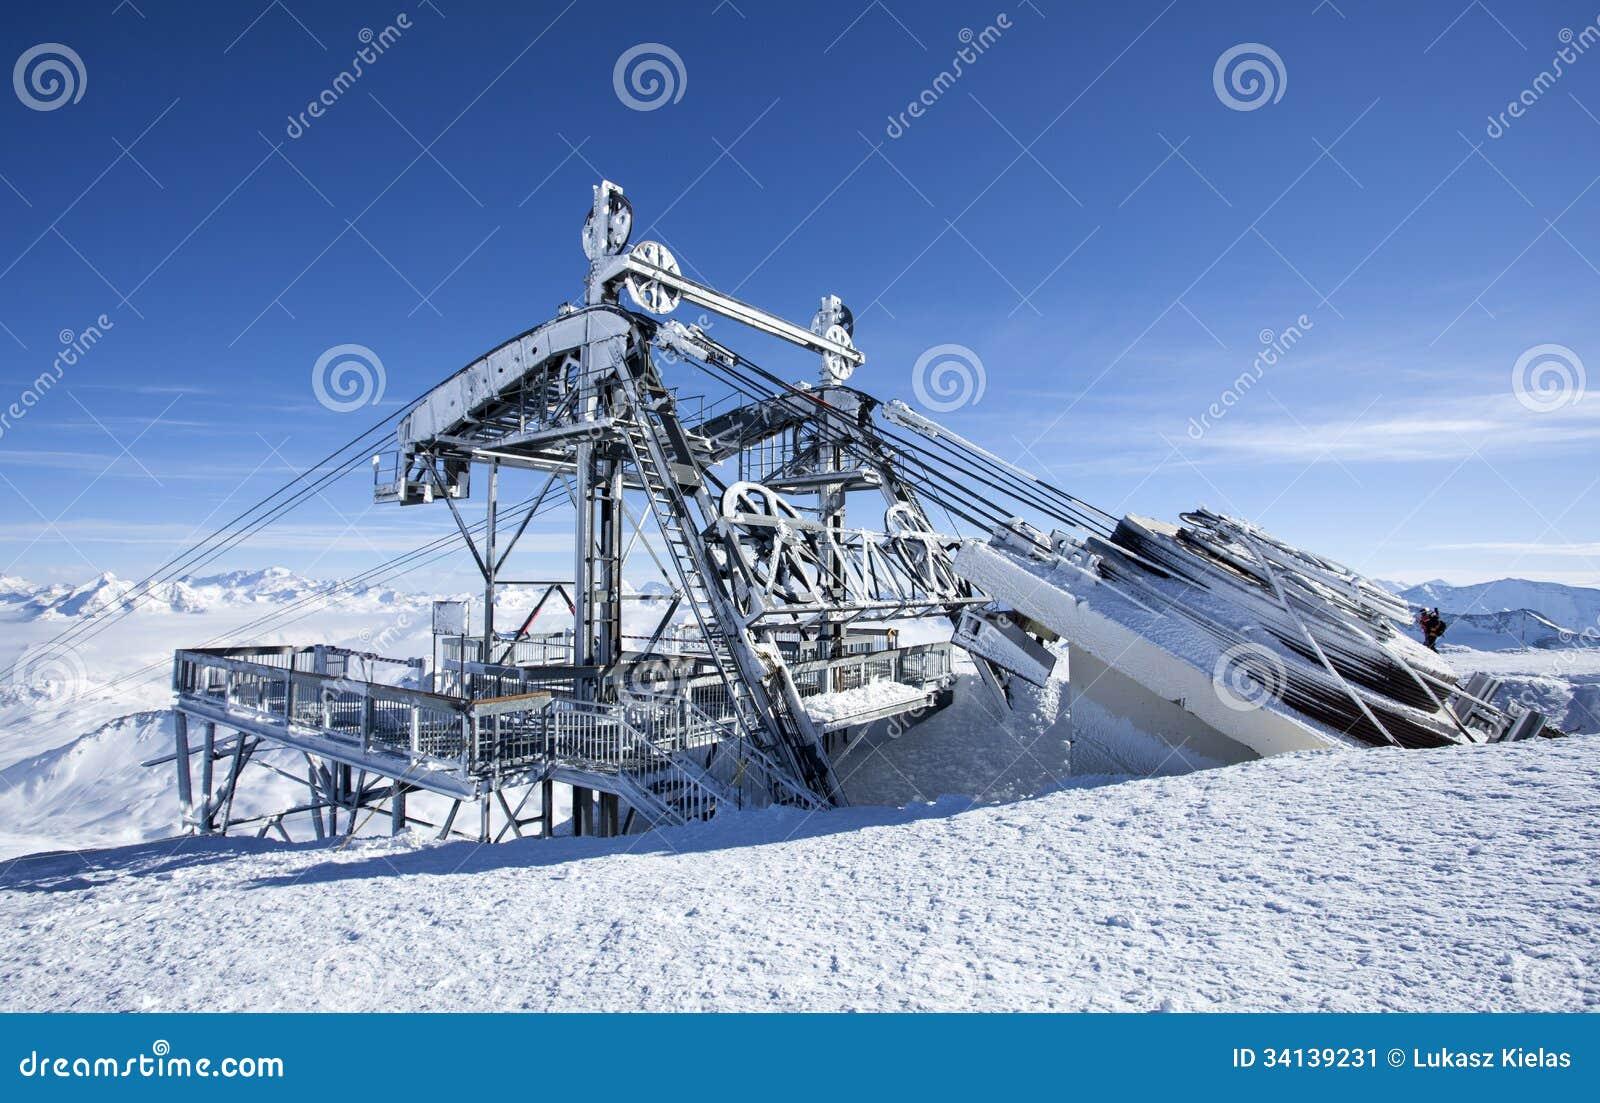 Mountain skiing complex Dolgaya (Nizhny Tagil) 51